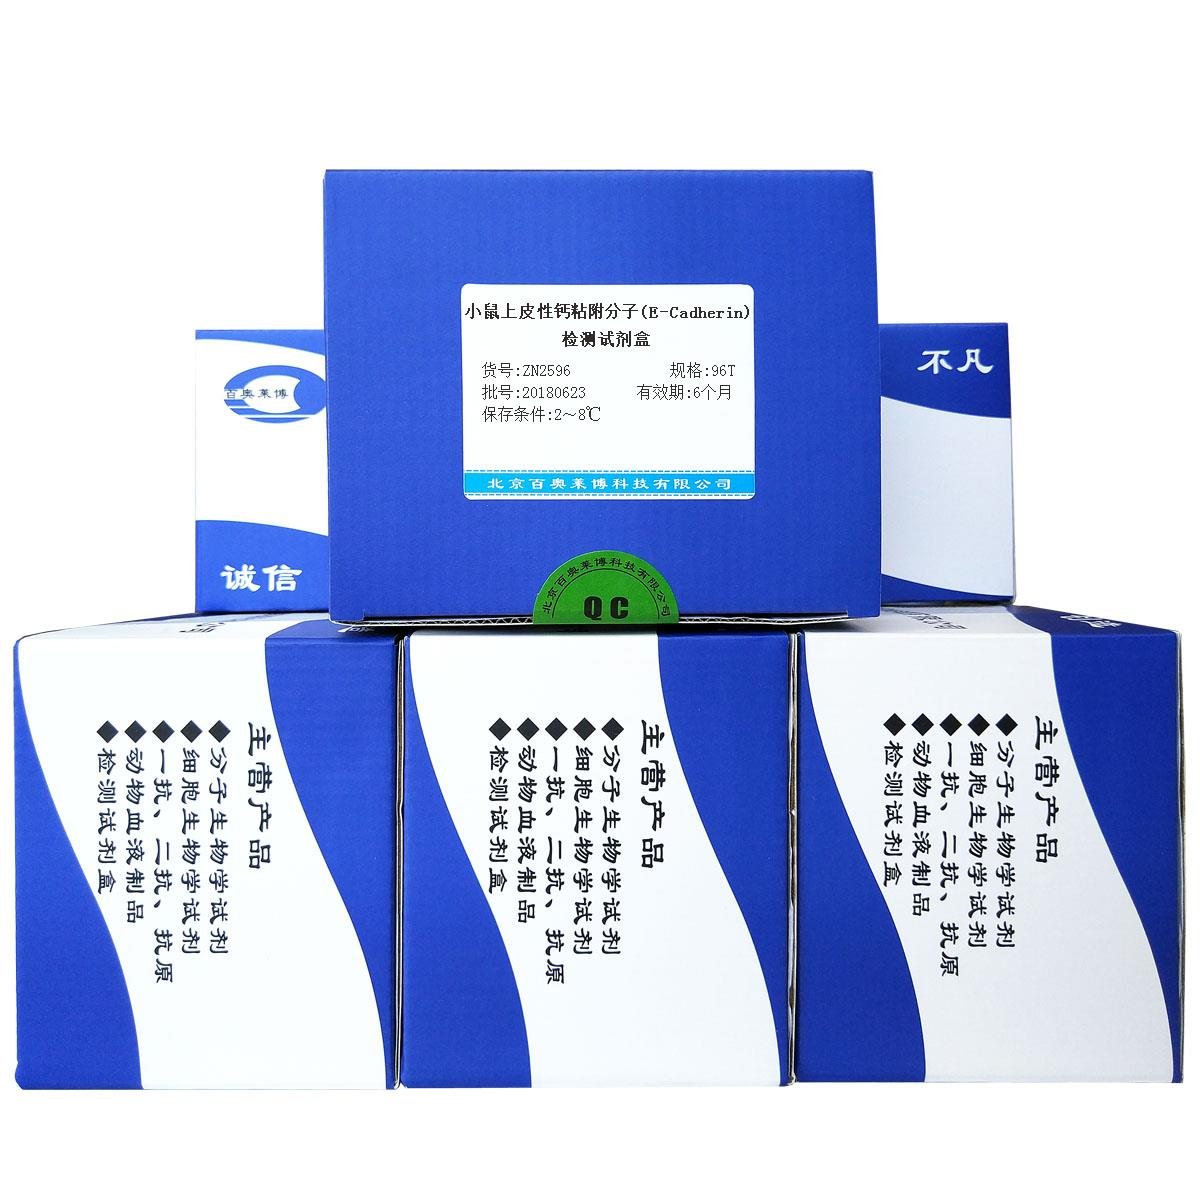 北京小鼠上皮性钙粘附分子(E-Cadherin)检测试剂盒厂家价格